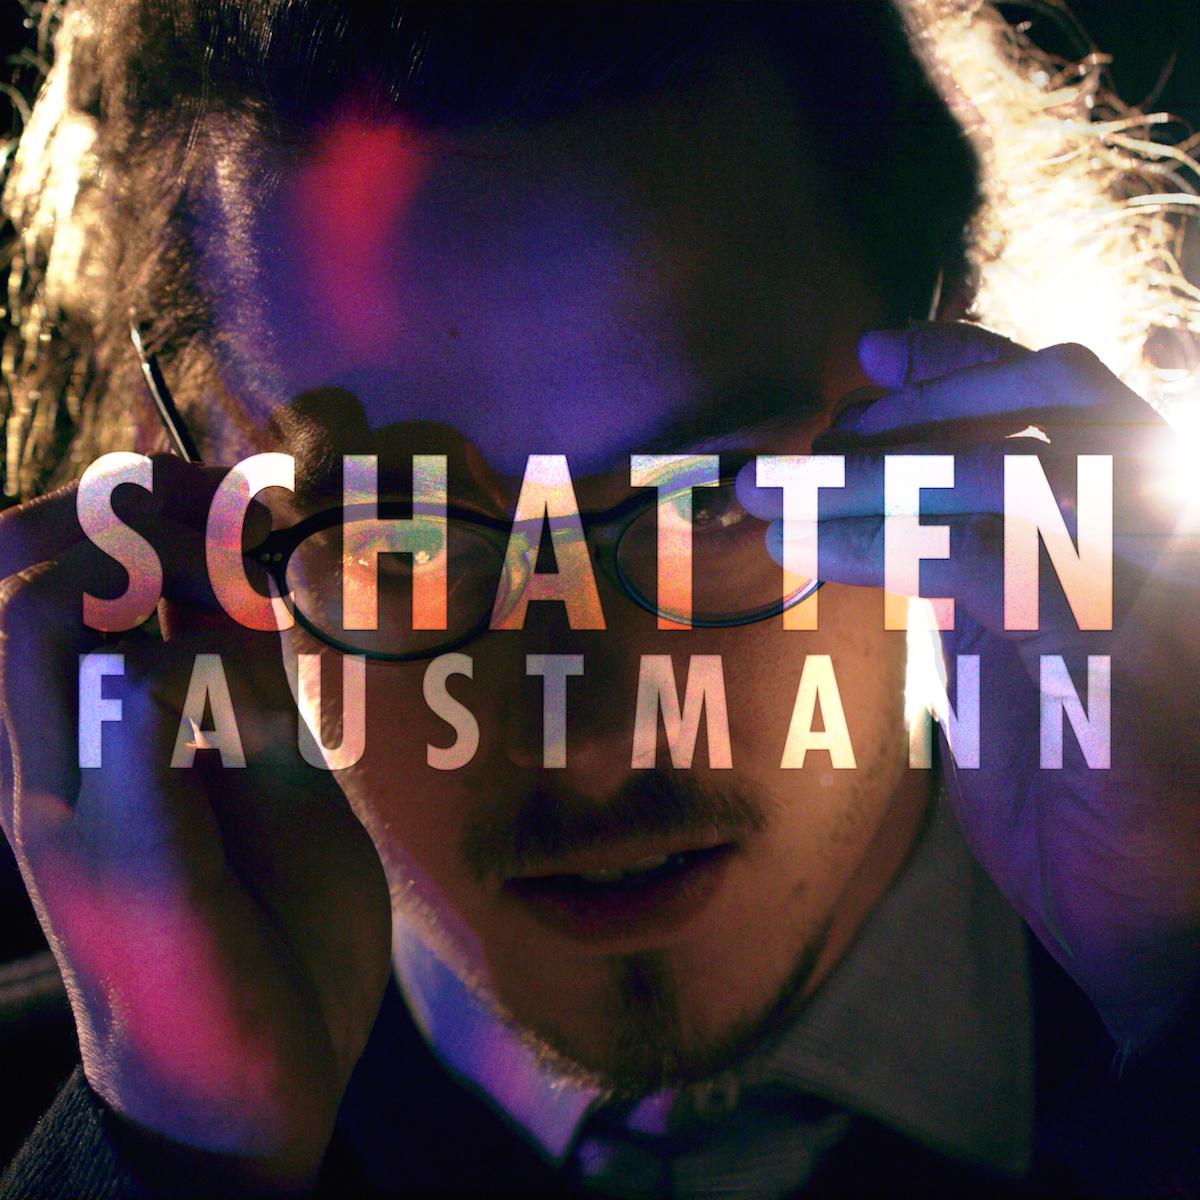 Schatten - Faustmann Cover klein (1200 x 1200 PNG).png